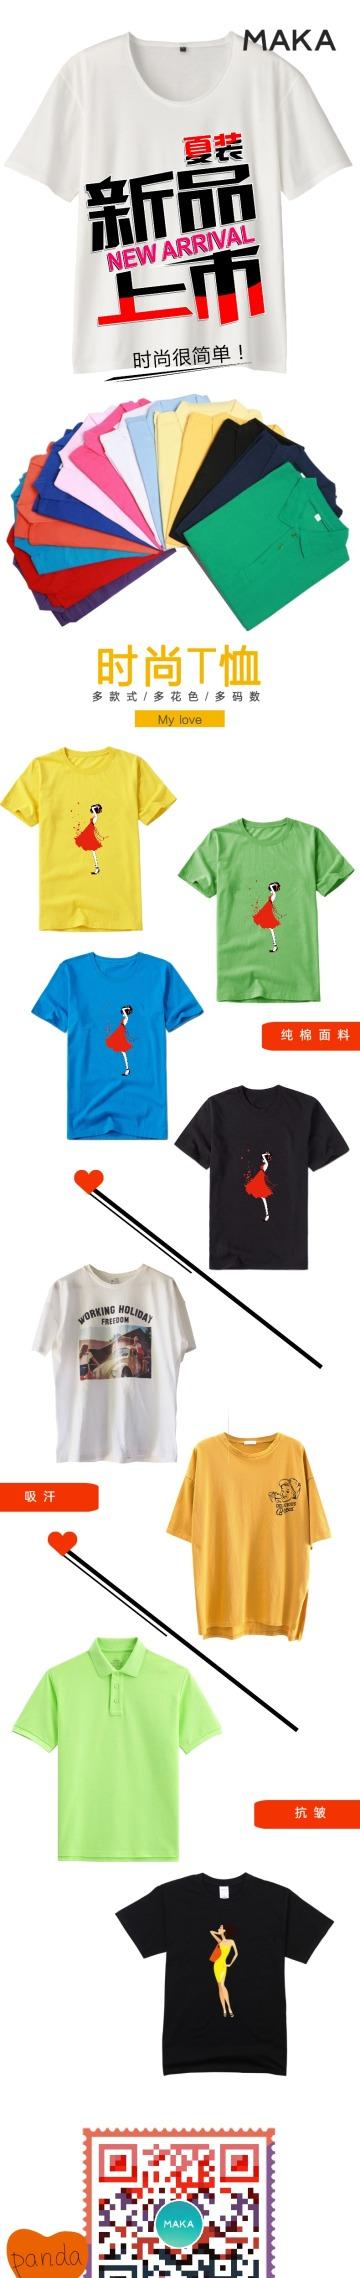 服装夏装T恤扁平简约风格电商微商详情页海报